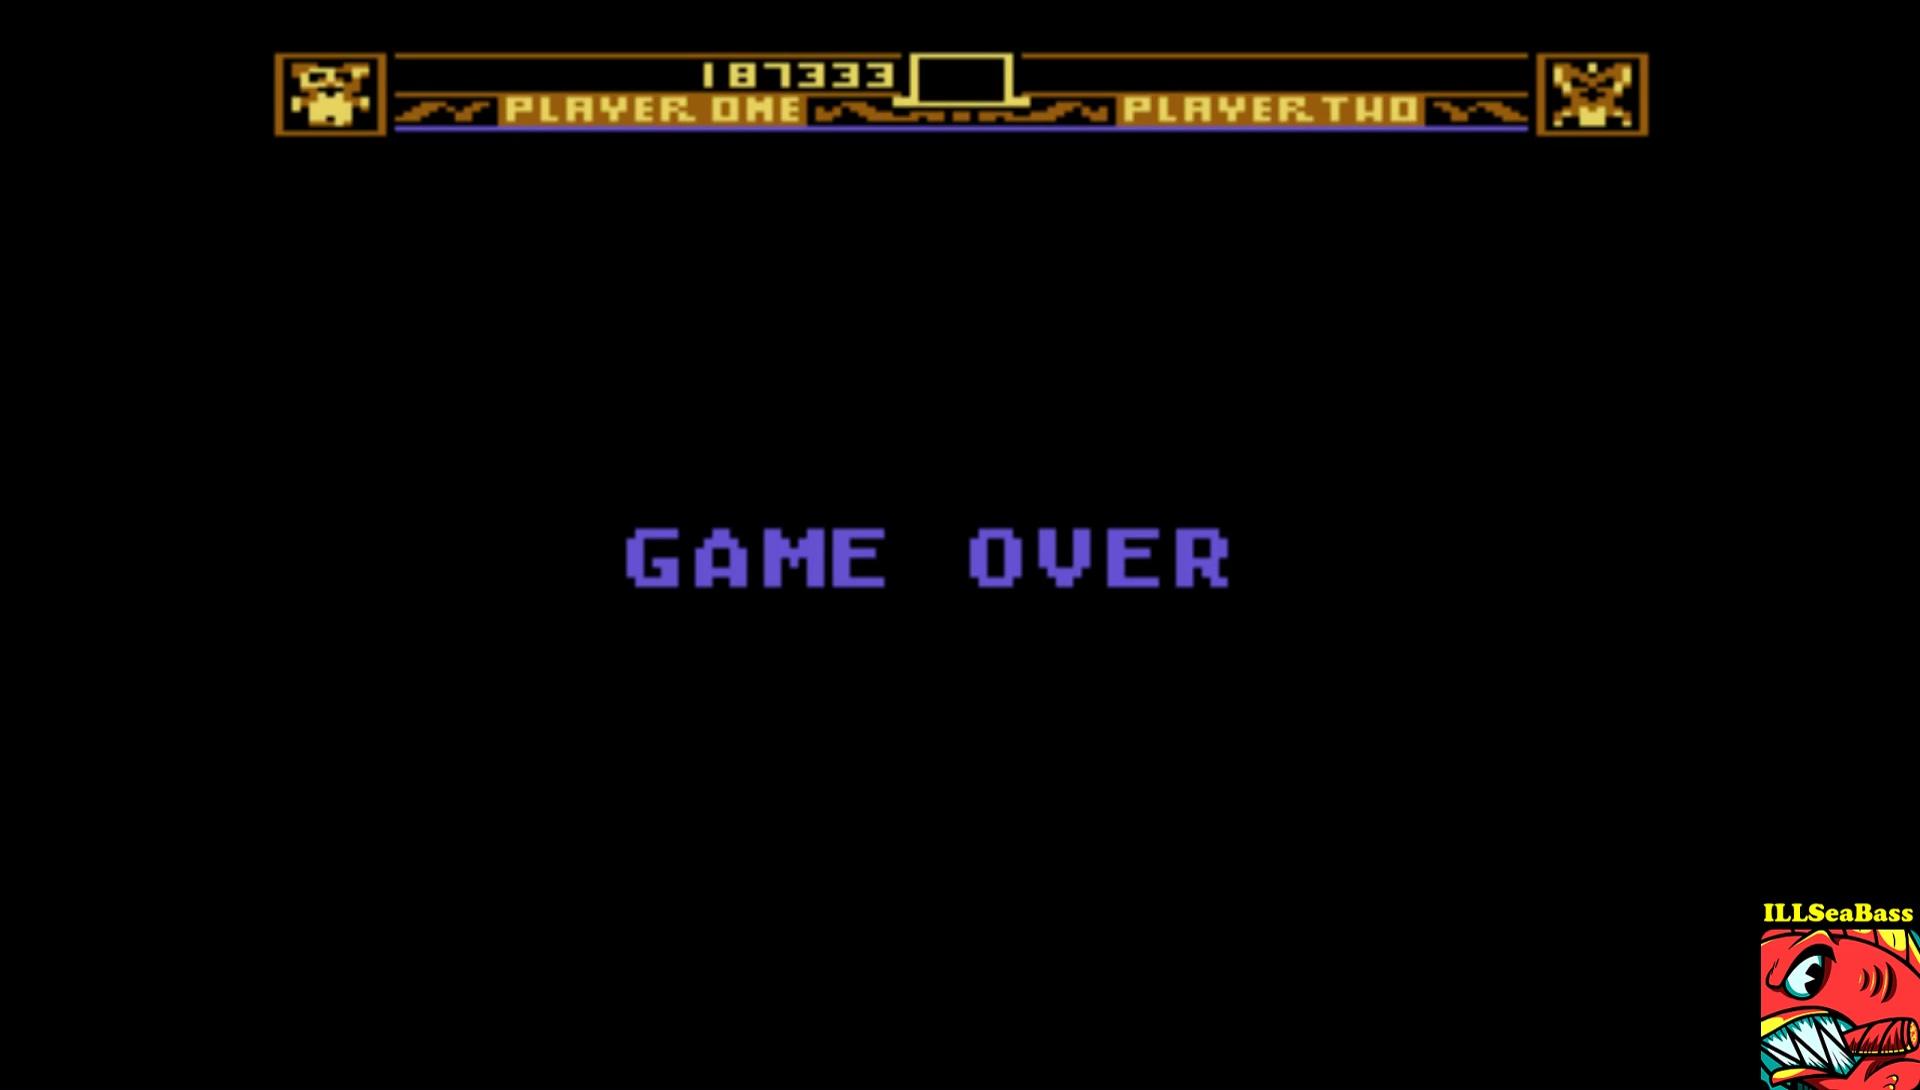 ILLSeaBass: Gremlins (Atari 5200 Emulated) 187,333 points on 2017-03-11 13:40:50